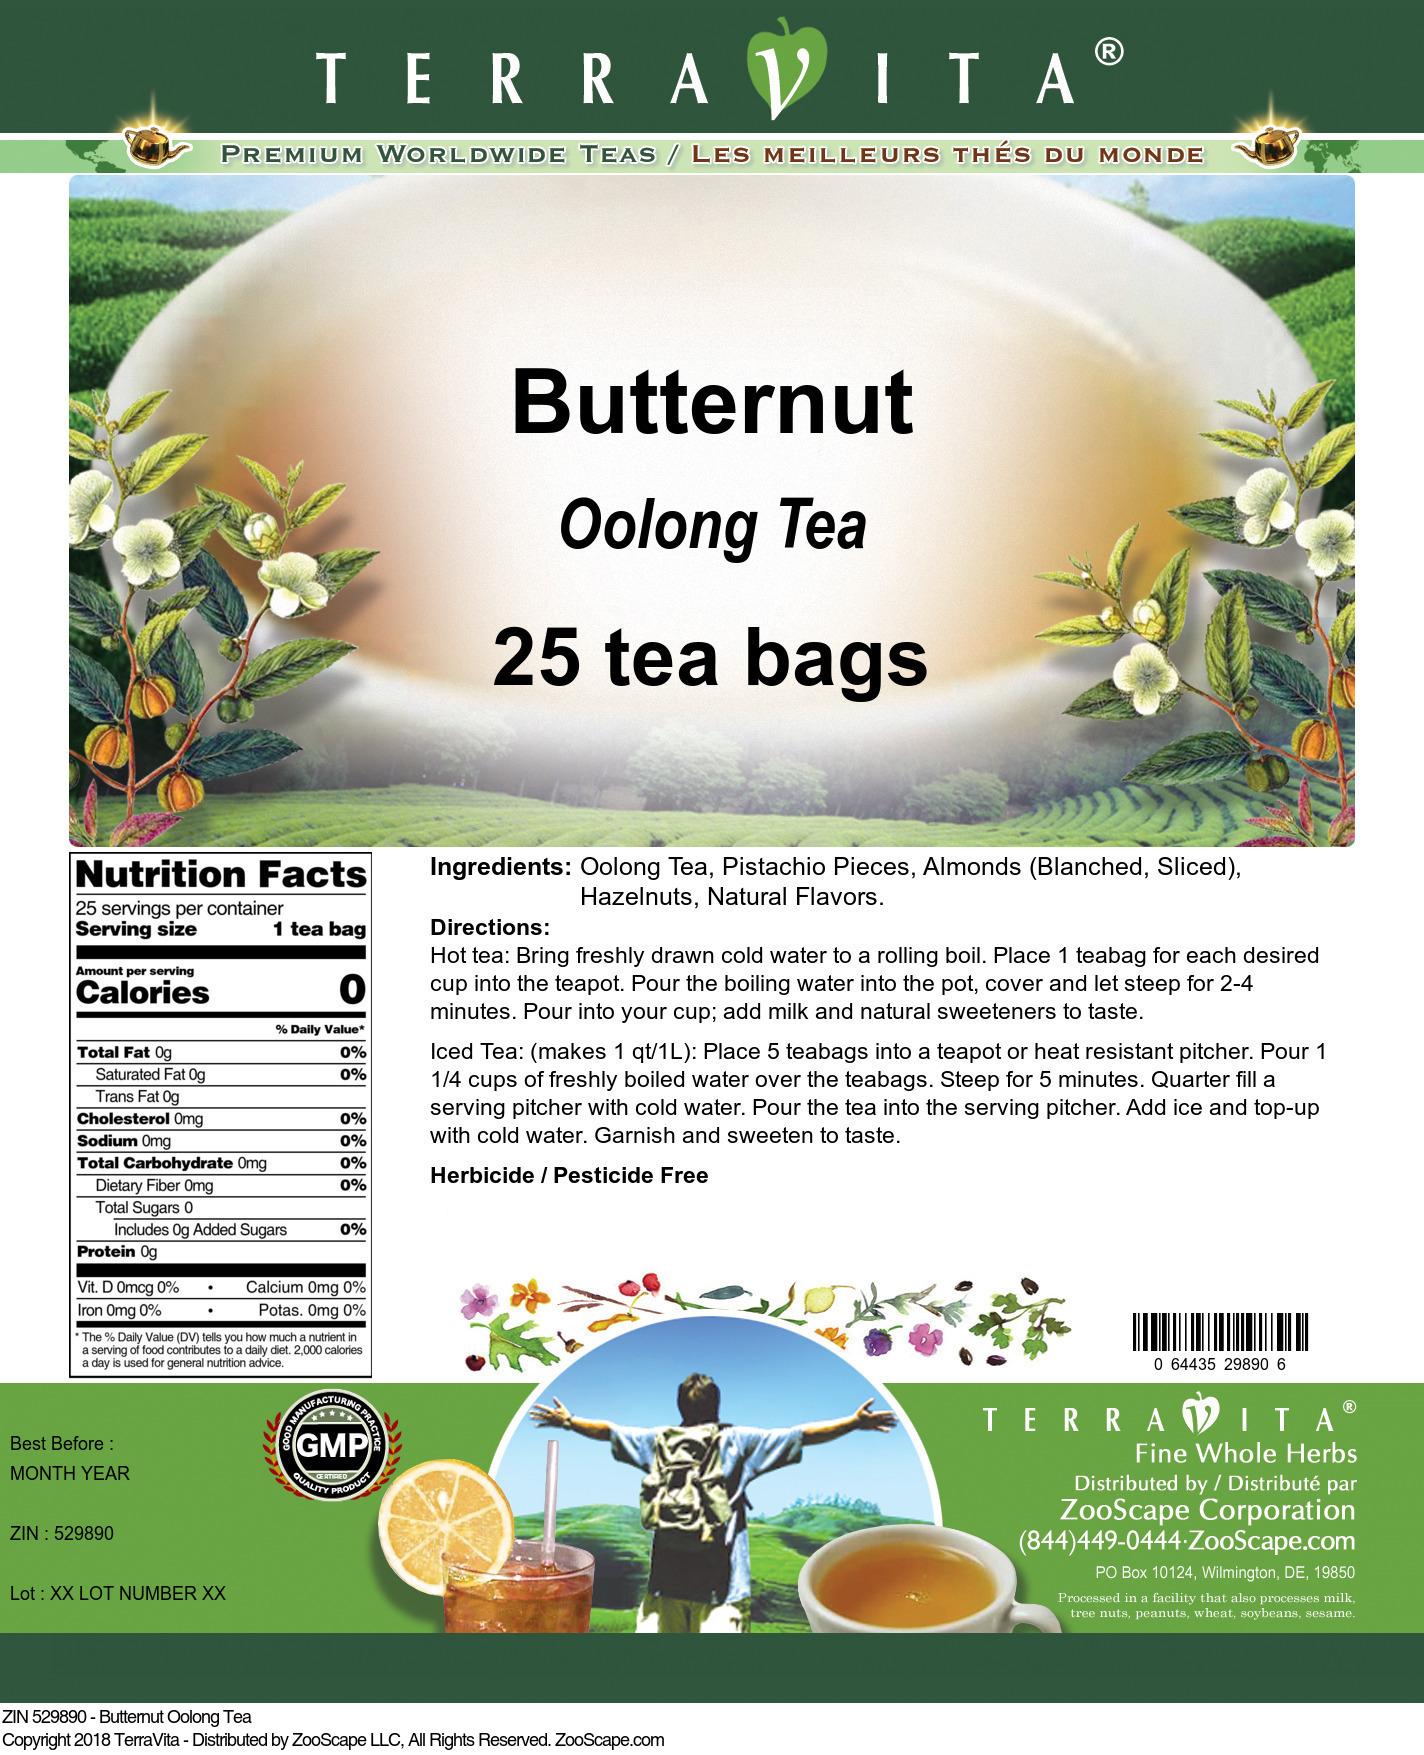 Butternut Oolong Tea